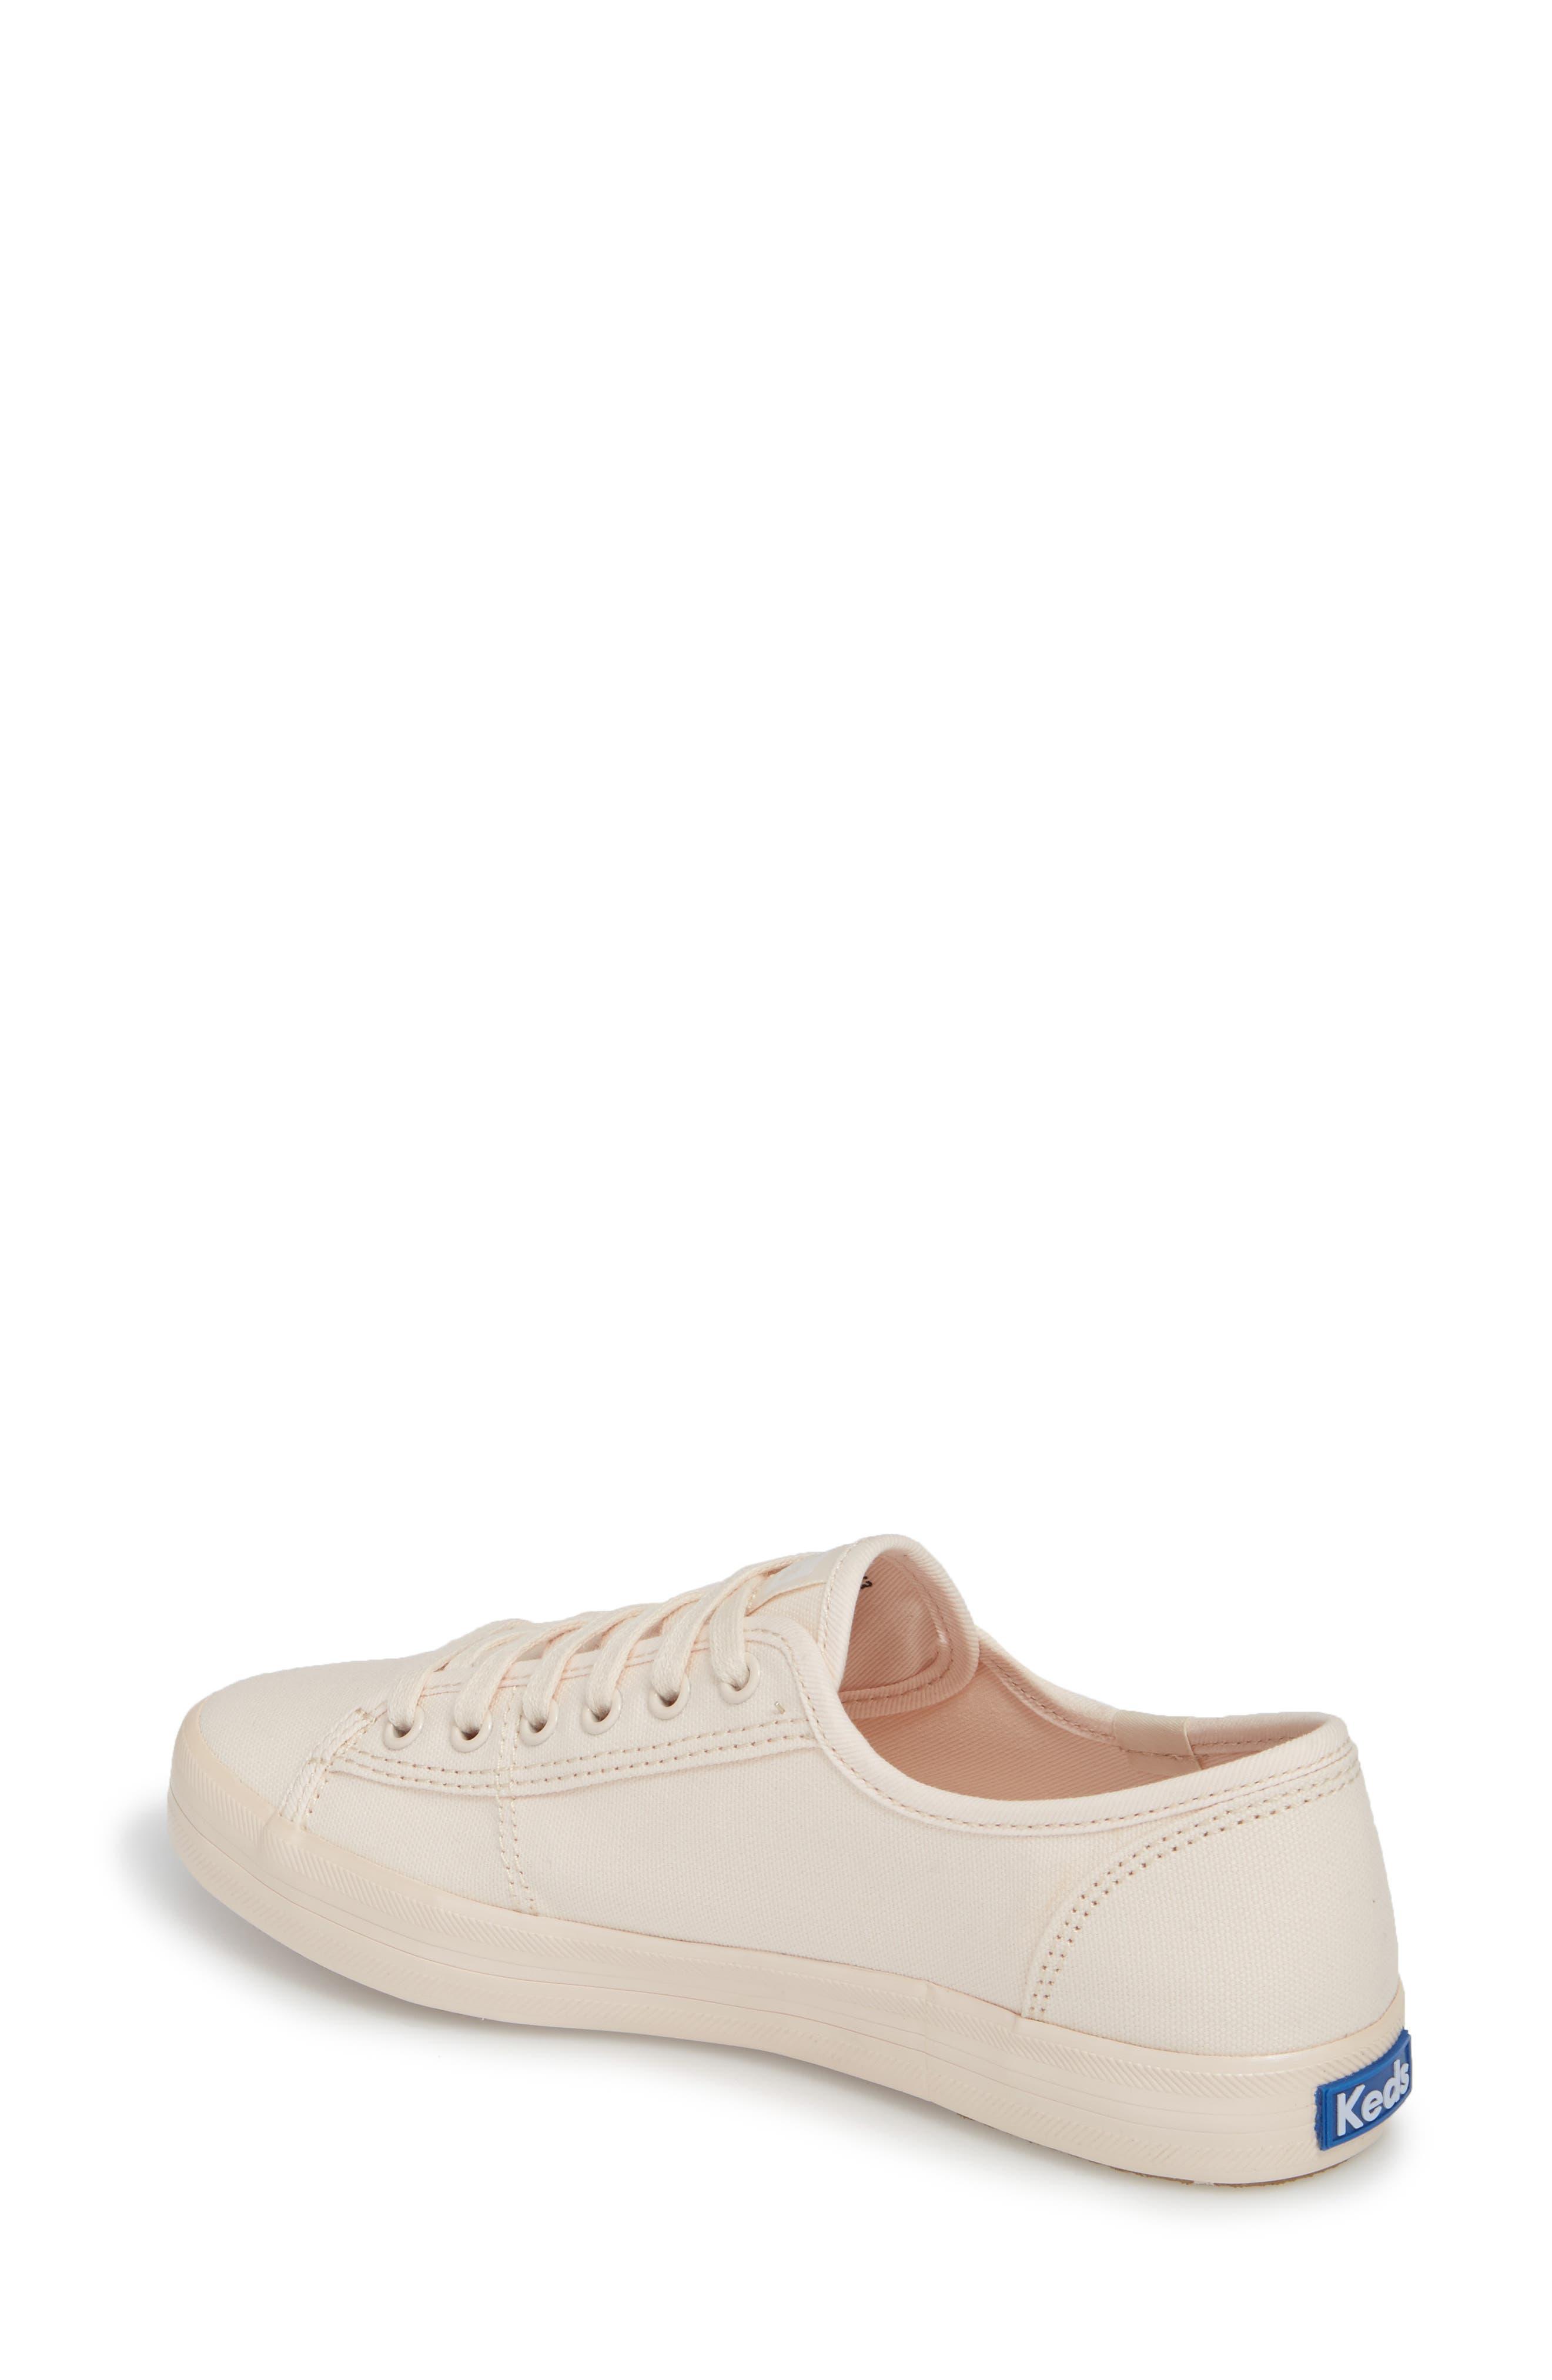 Alternate Image 2  - Keds® Kickstart Shimmer Sneaker (Women)